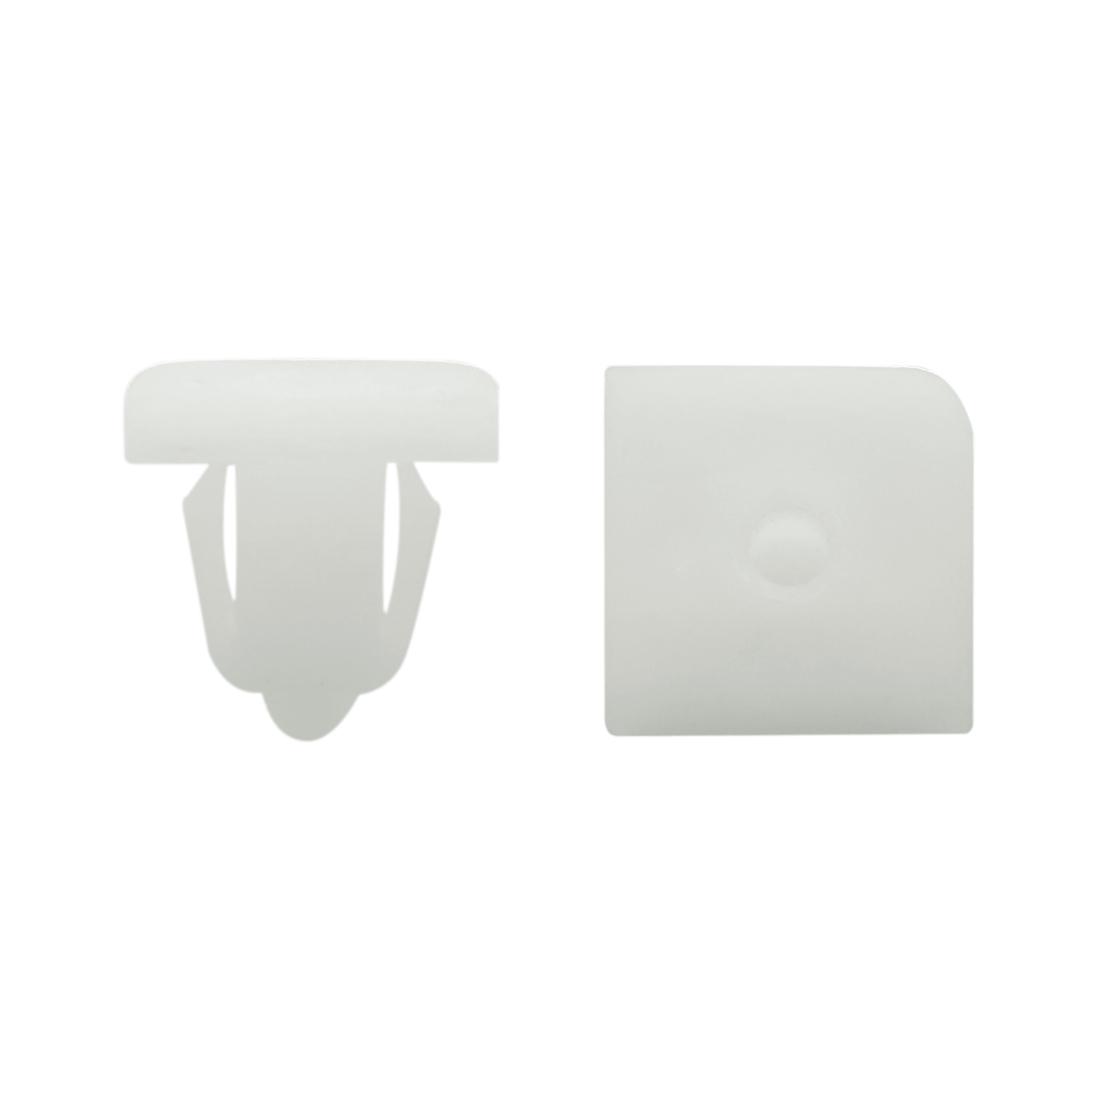 50Pcs Plastic Black Trim Door Panel Retainer Clips Rivet Fastener 12mm Hole Dia